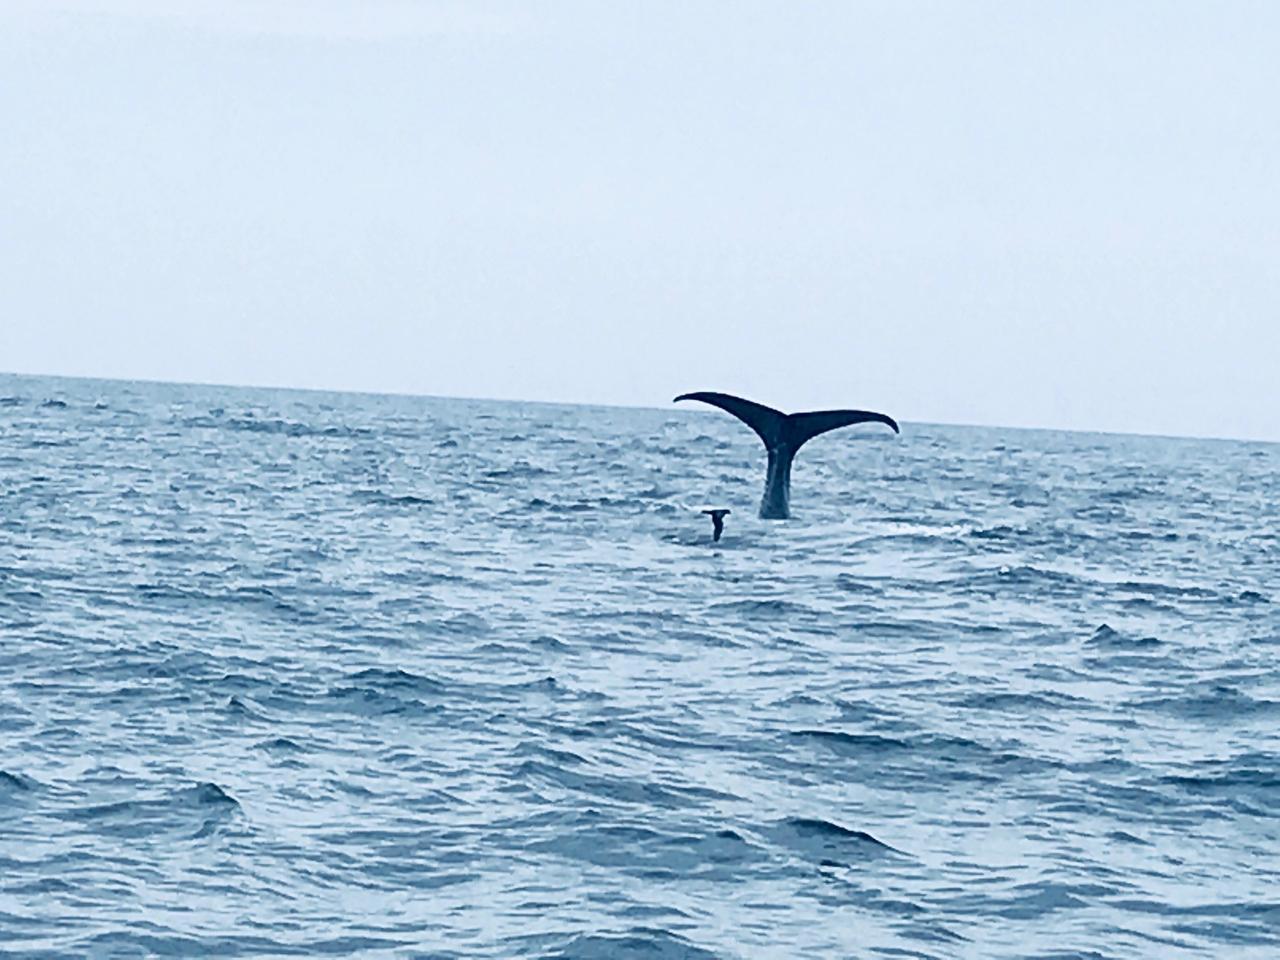 画像: 知床羅臼クルーズ 9月7日クラブツーリズム竹内撮影 地震翌日もマッコウクジラが出迎えてくれました。